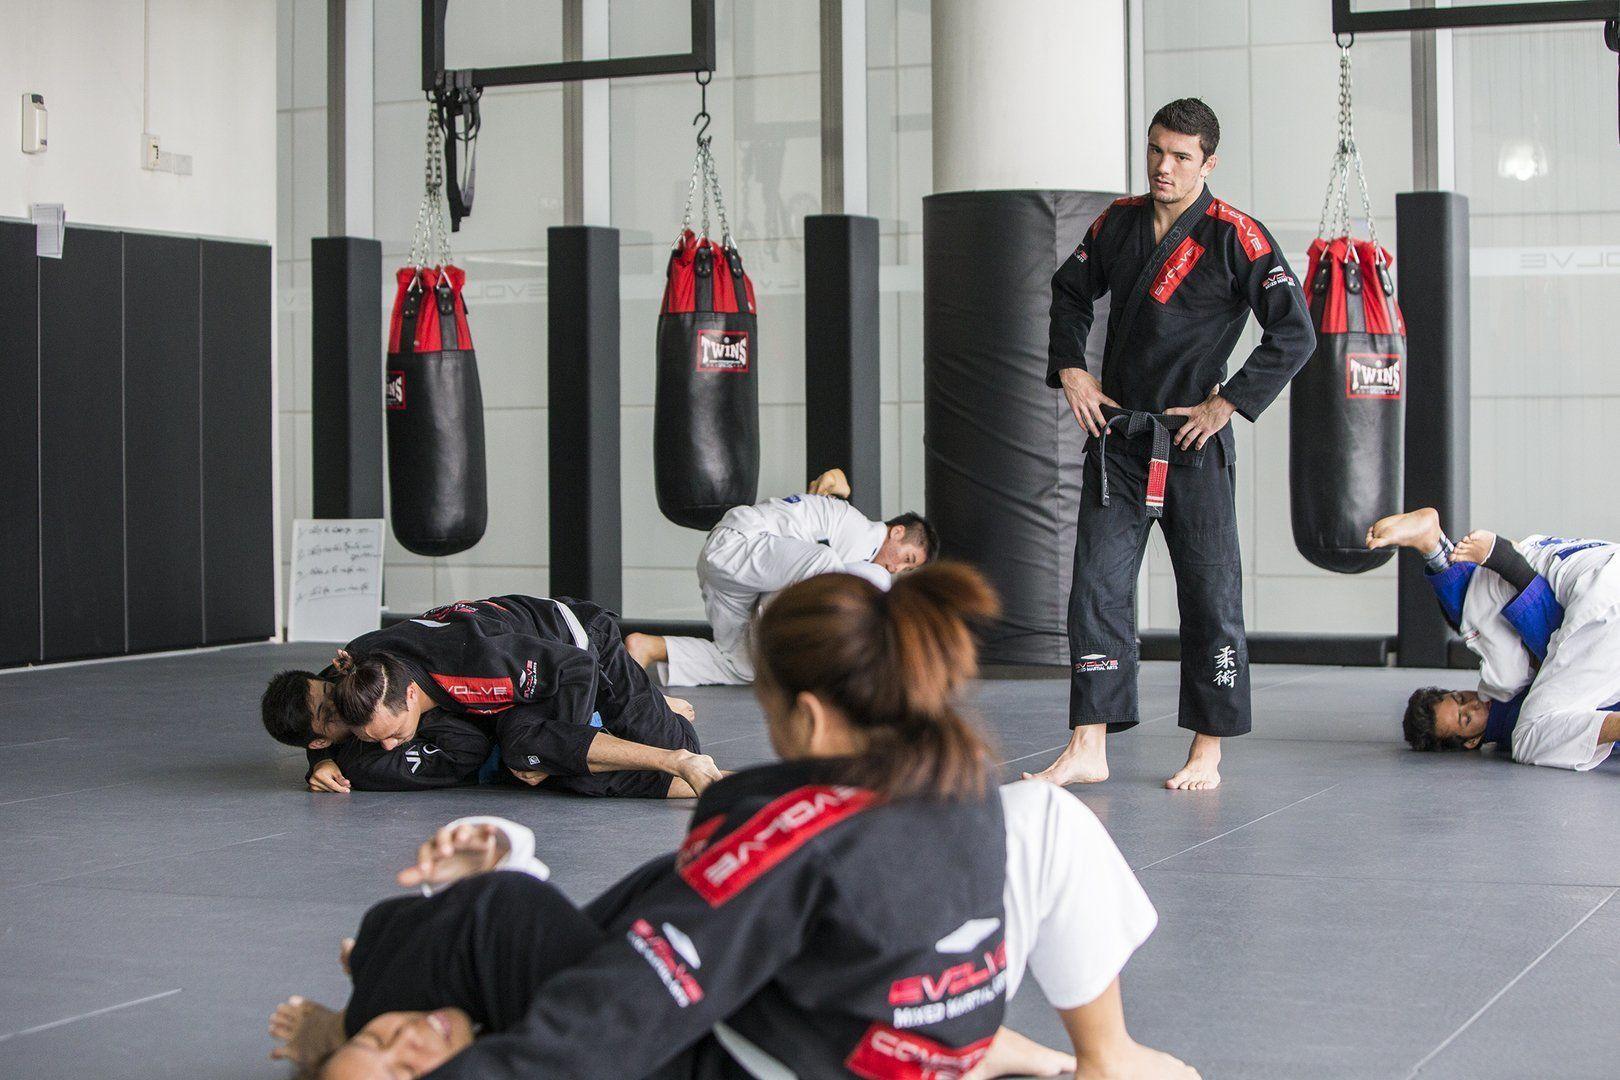 Brazilian Jiu-Jitsu black belt Bruno Pucci teaches at Evolve MMA